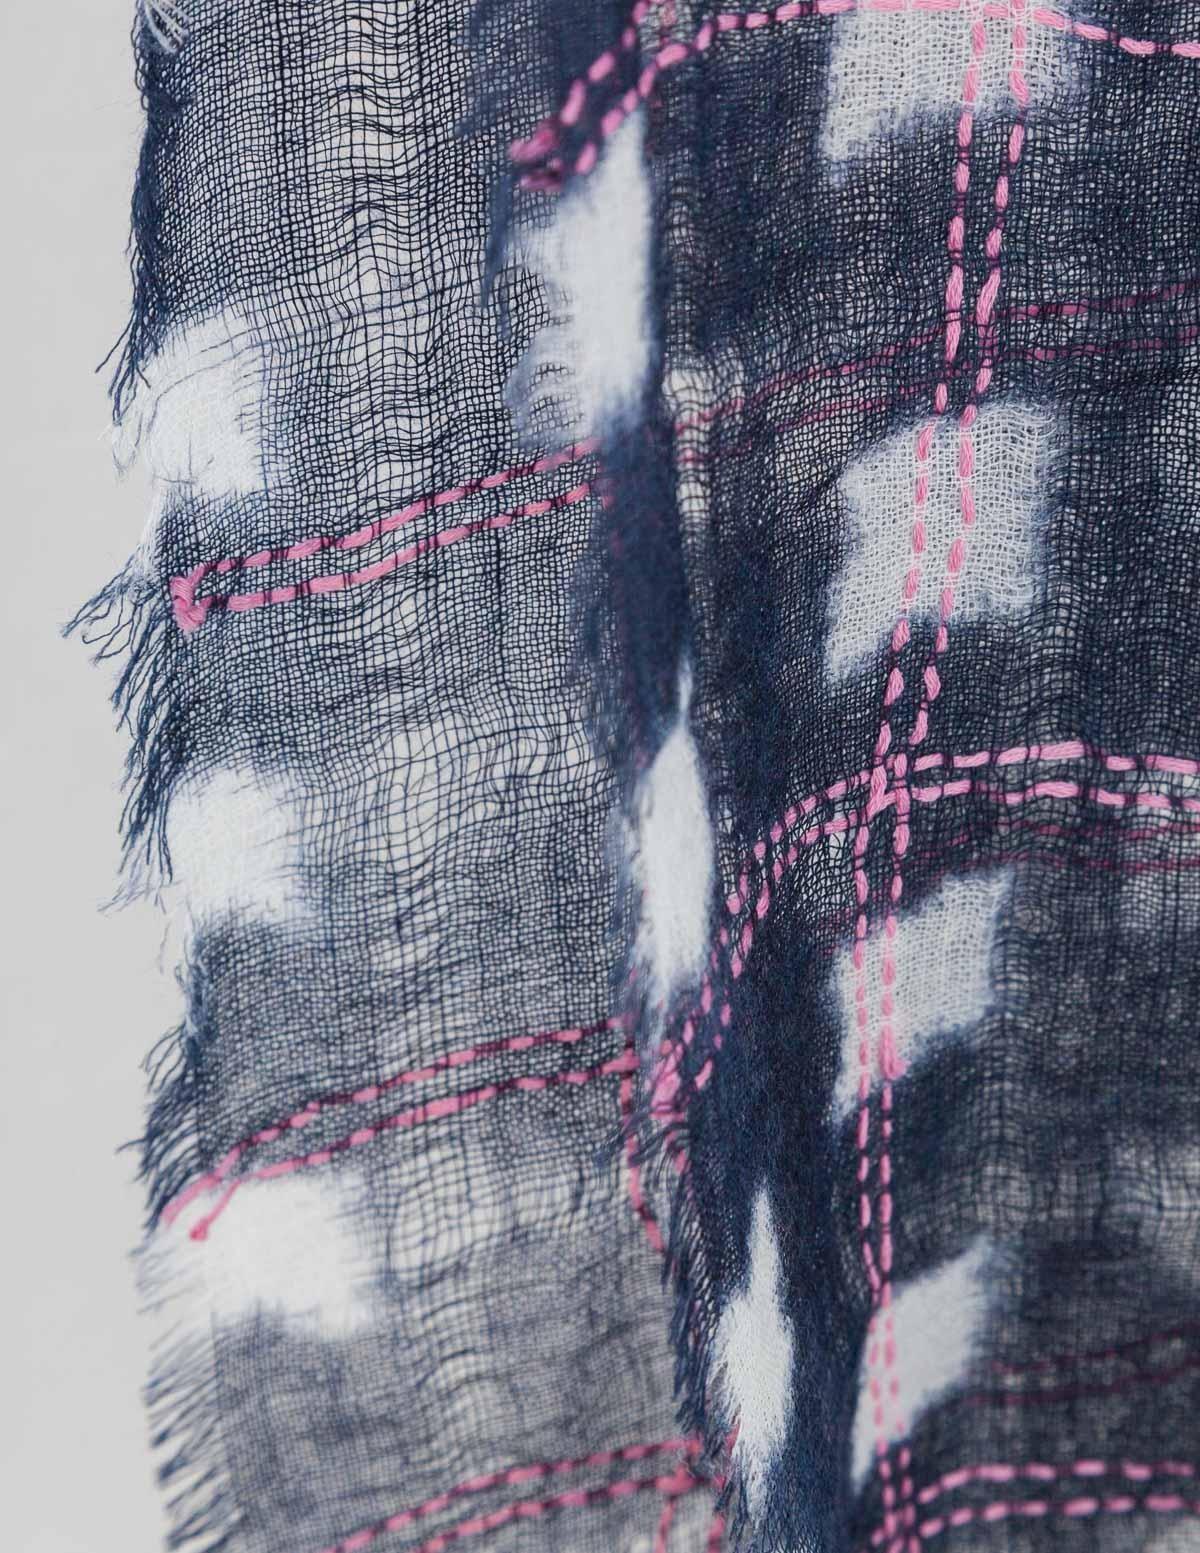 Fular de lana - Ítem1